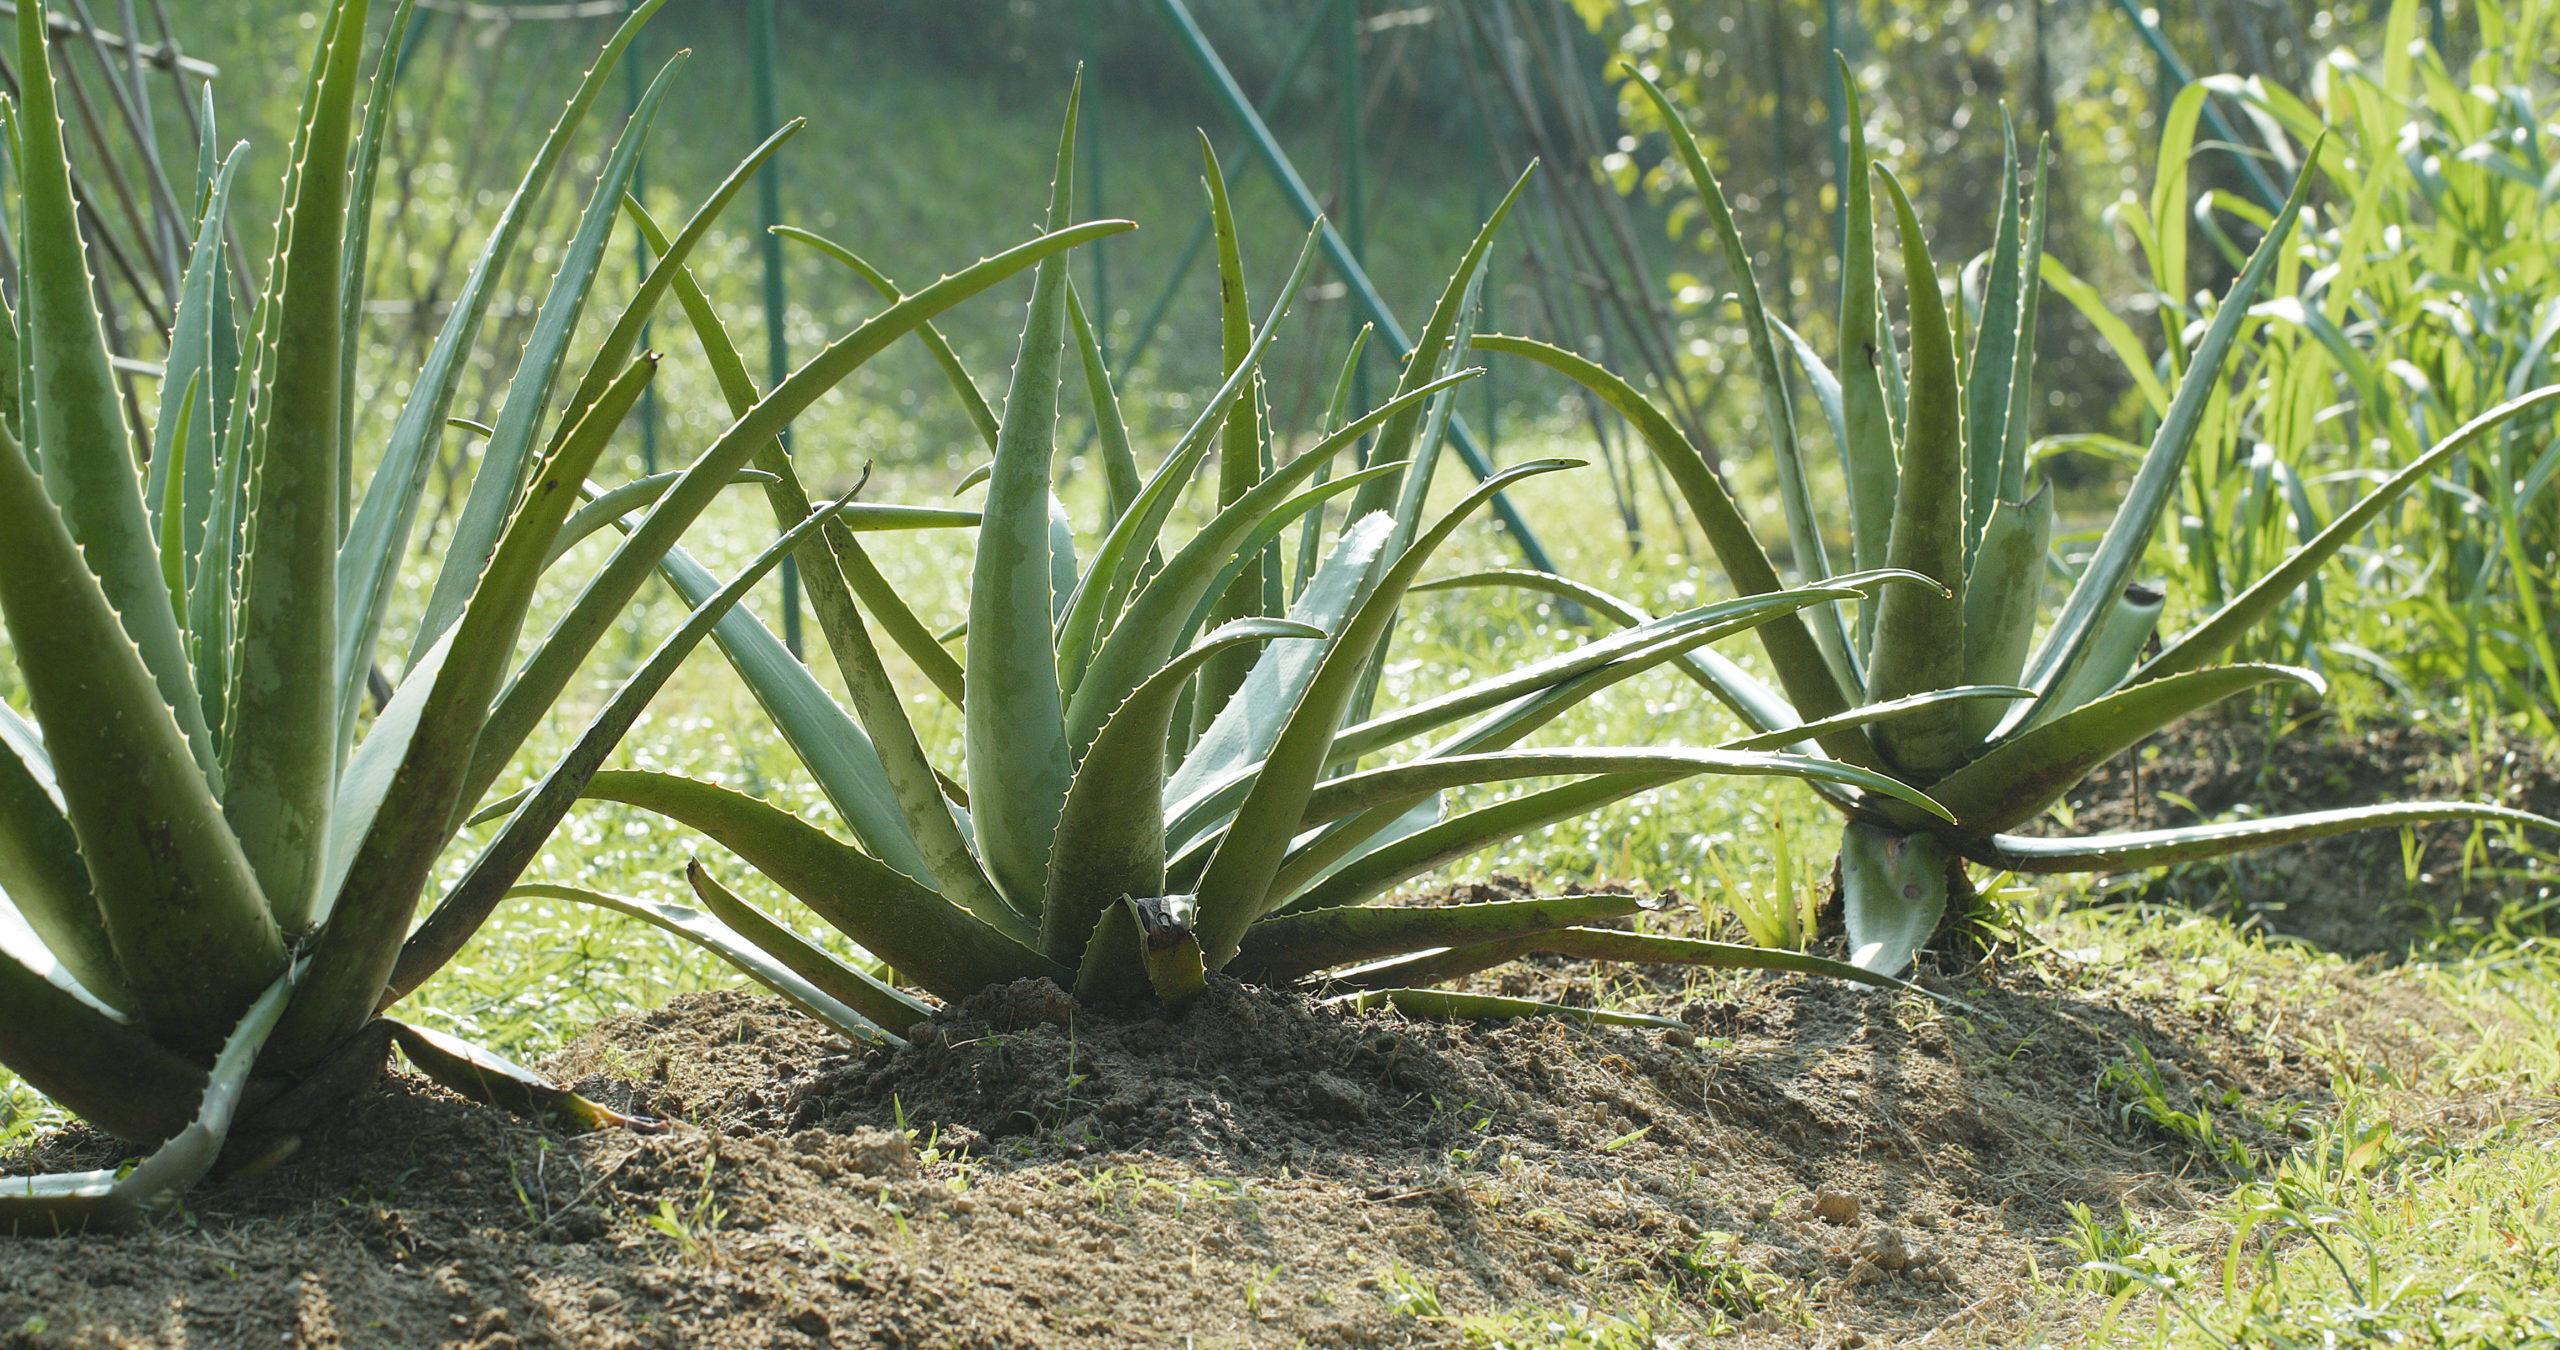 Insbesondere In Nachtcremes entfaltet Aloe Vera eine wohltuende Wirkung.